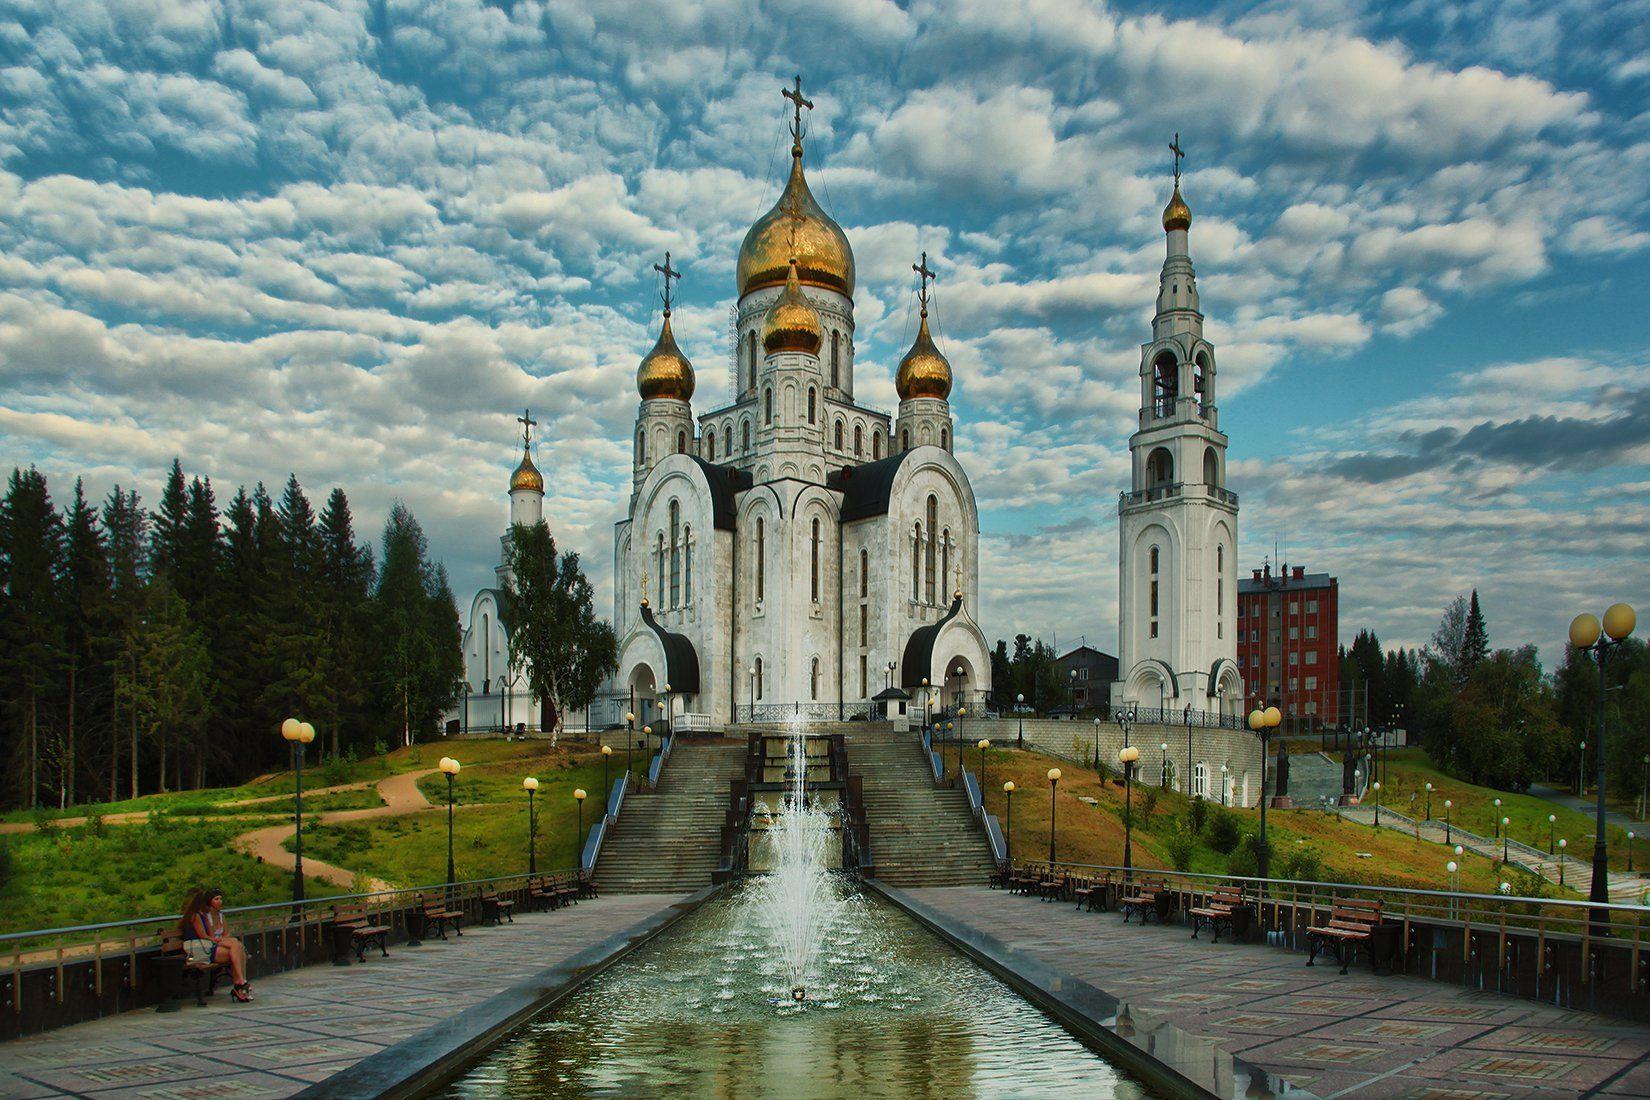 кафедральный собор во имя воскресения христова,ханты-мансийск,югра, Борис Полозков